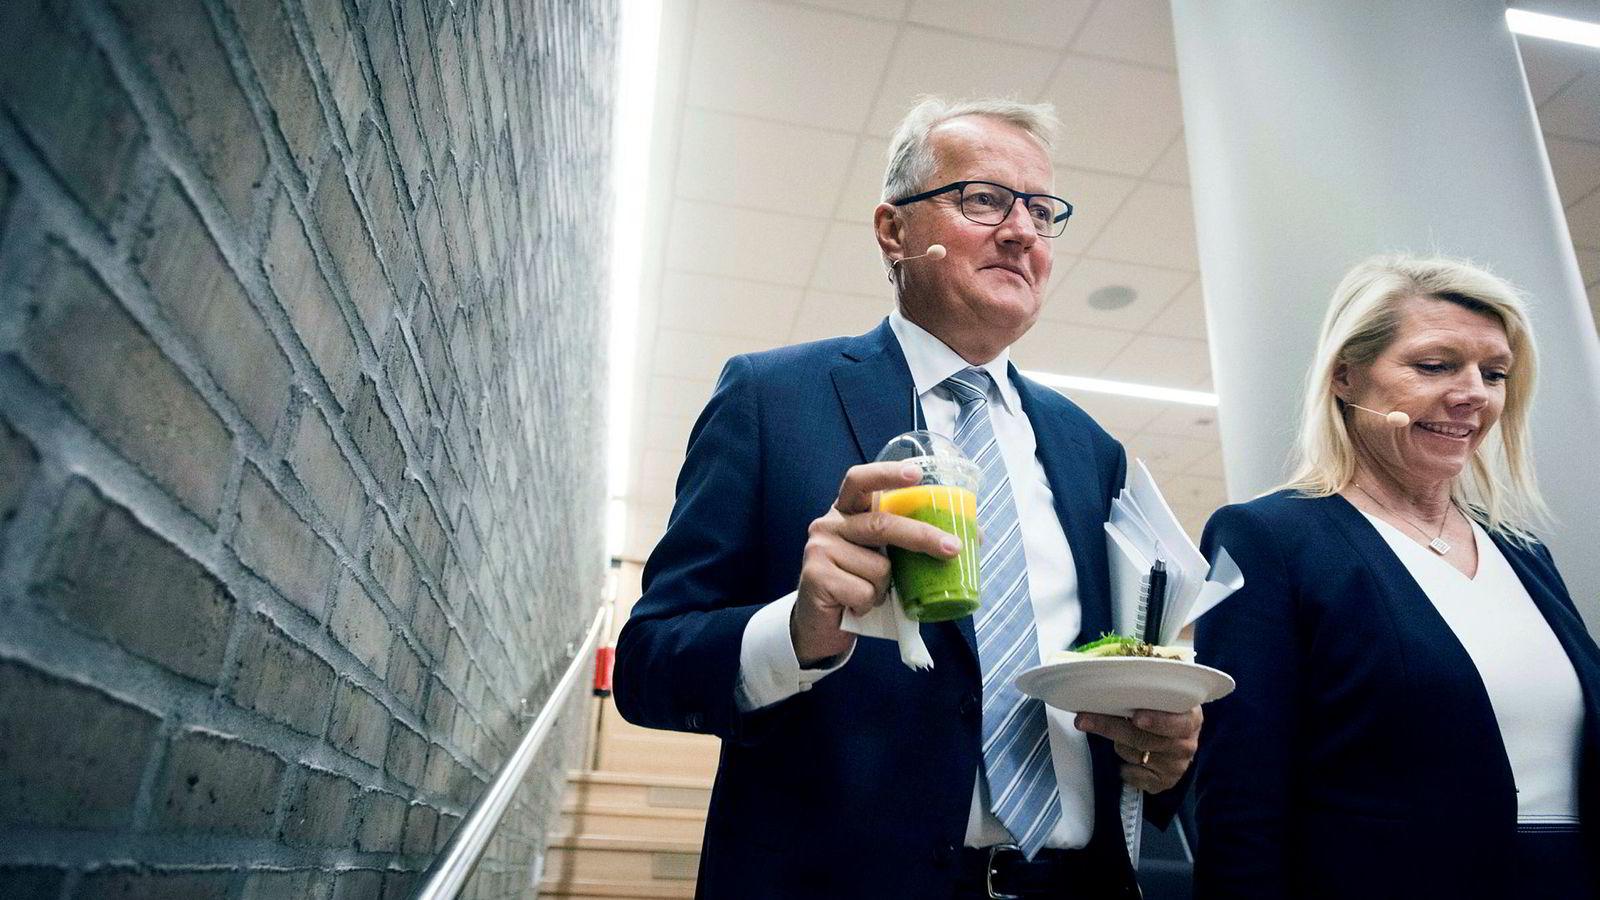 DNB-sjef Rune Bjerke og bankens nye finansdirektør Kjerstin Braathen på vei inn i auditoriet for å presentere resultatene for første kvartal.